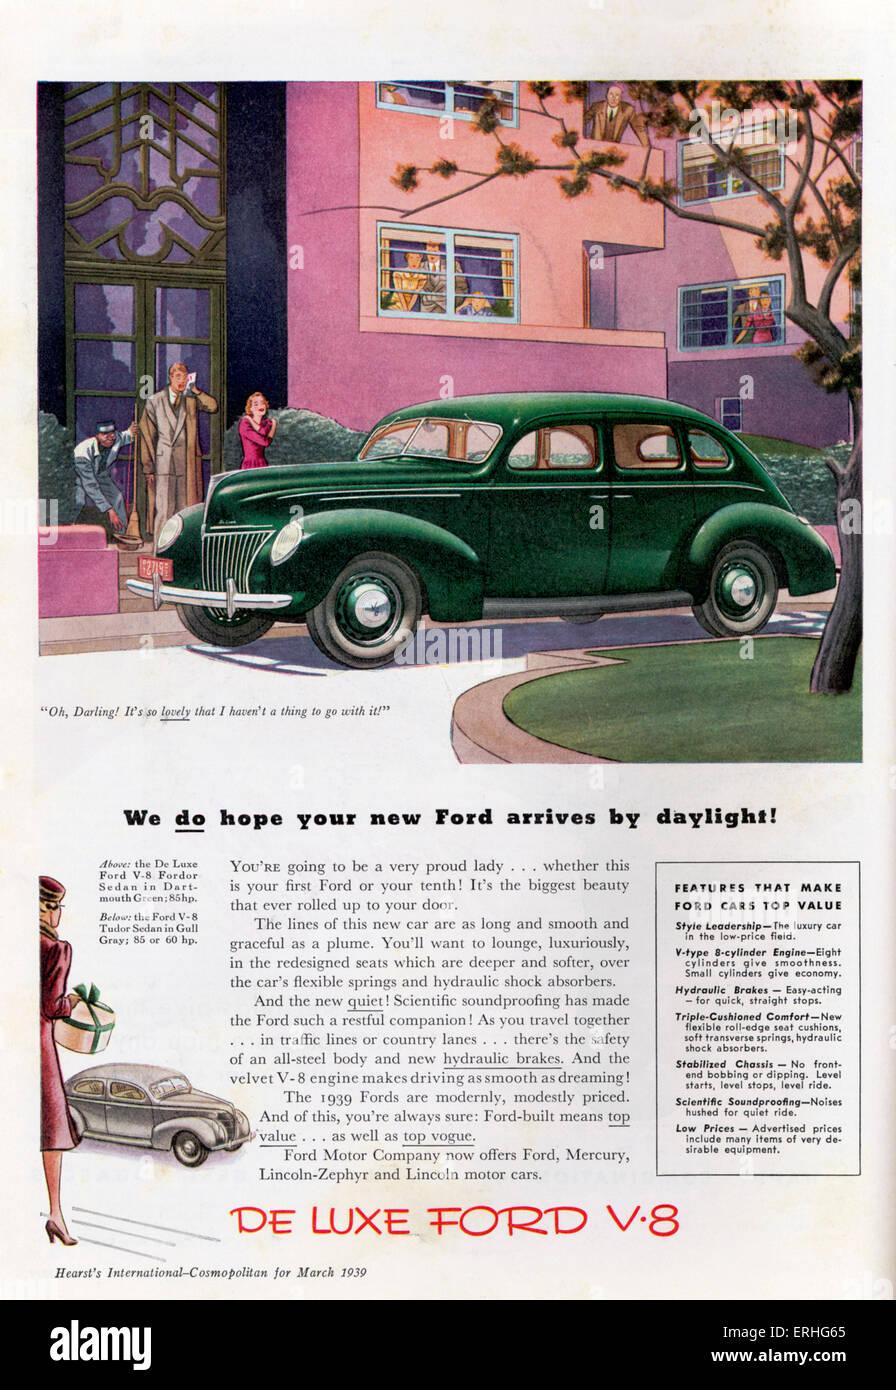 Ford Motor Company - Werbung für die Ford-V8-Limousine. Ein paar schauen Sie sich das Auto wie die Frau sagt Stockbild